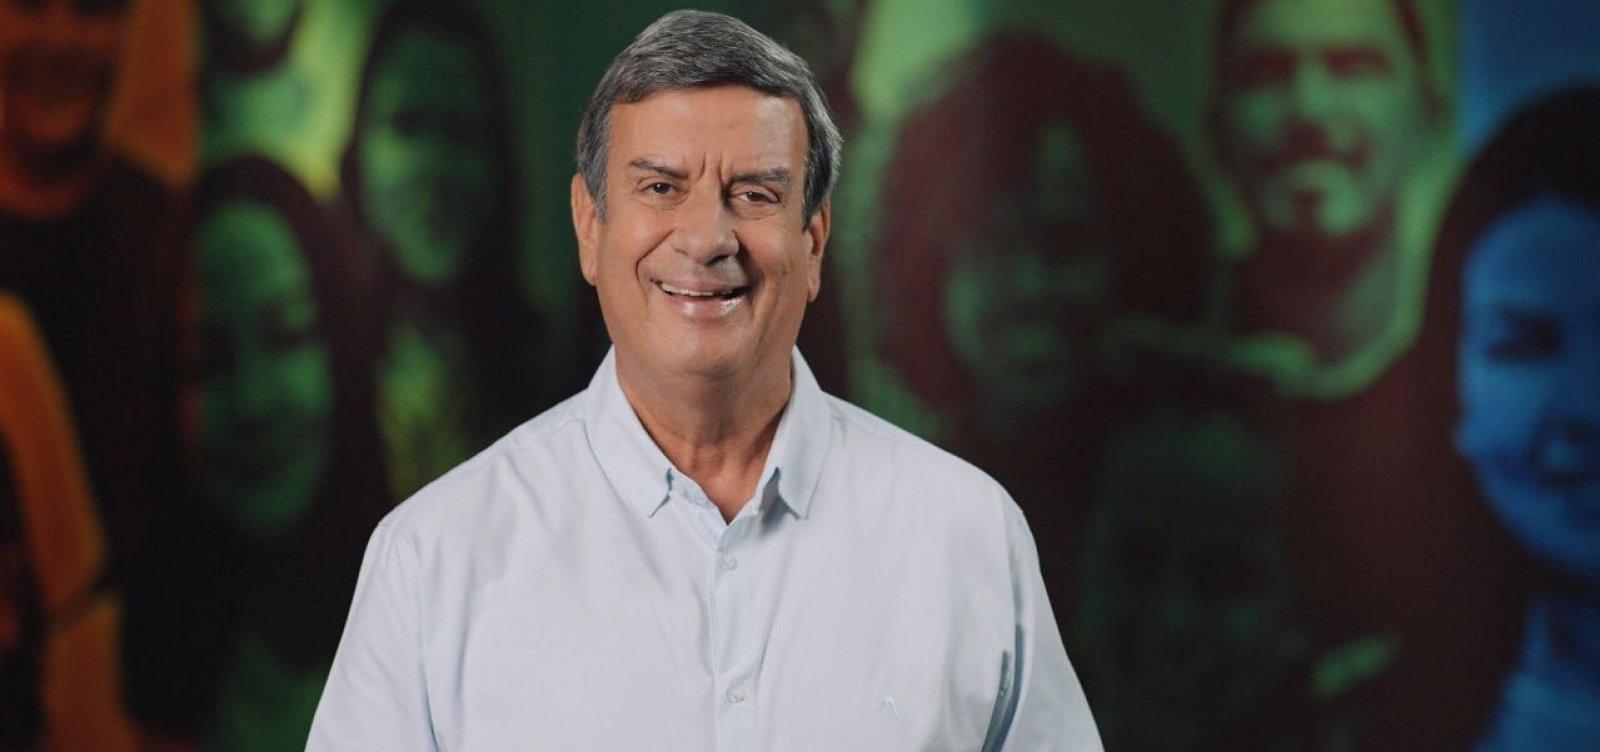 [Aos 68 anos, Colbert Martins é reeleito prefeito de Feira de Santana]